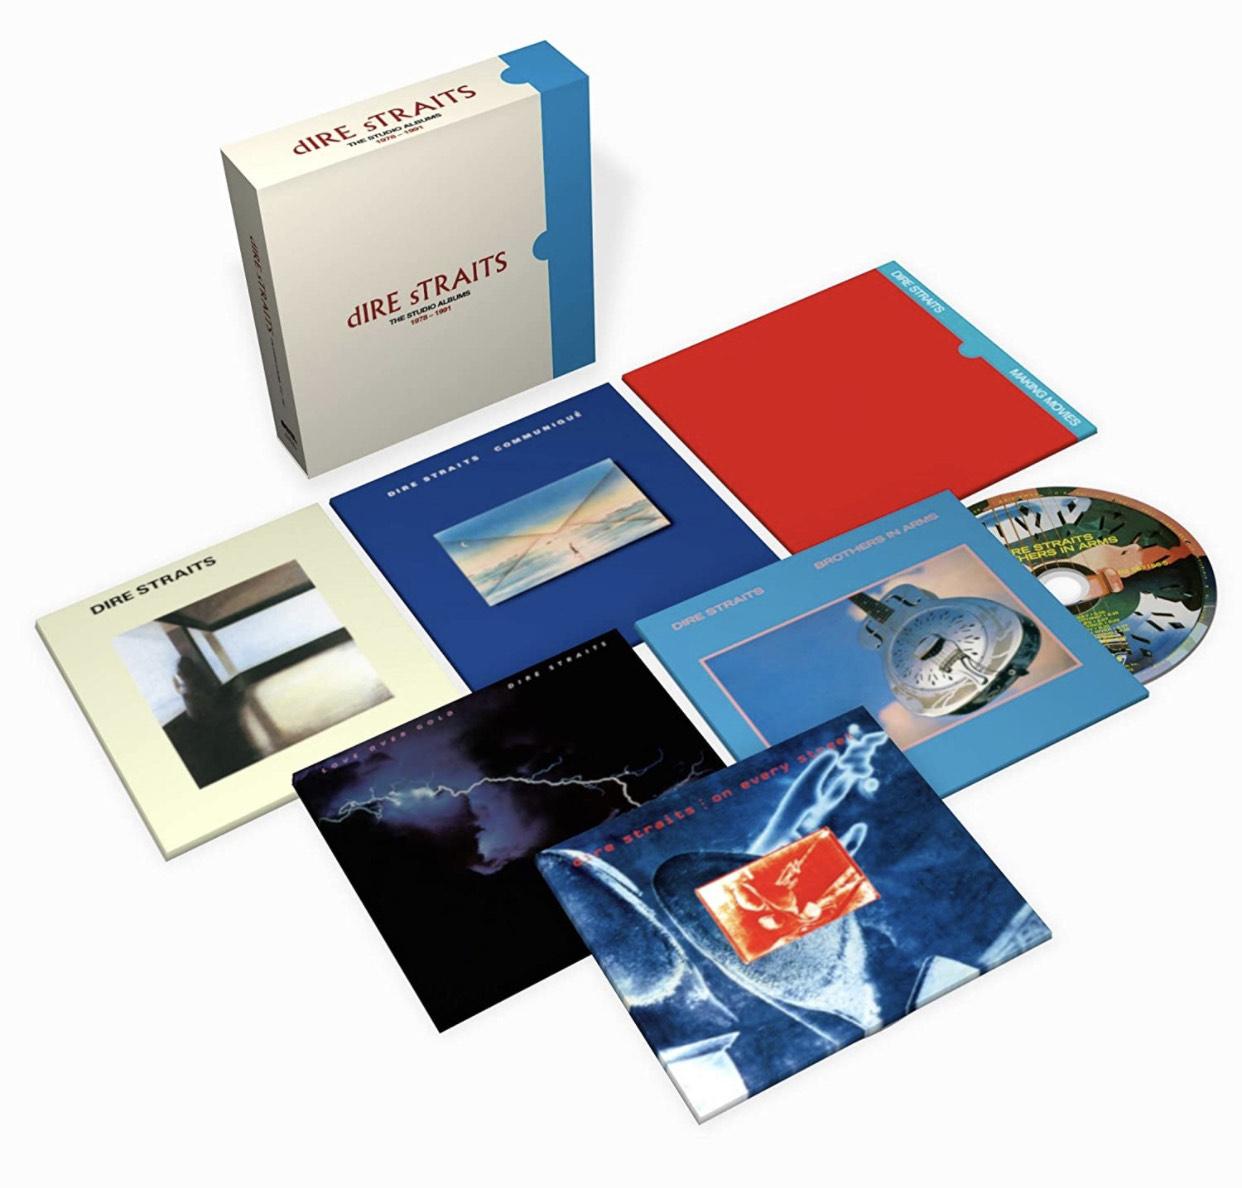 Dire Straits The Studio Albums 1978 1991 Edición limitada en cd